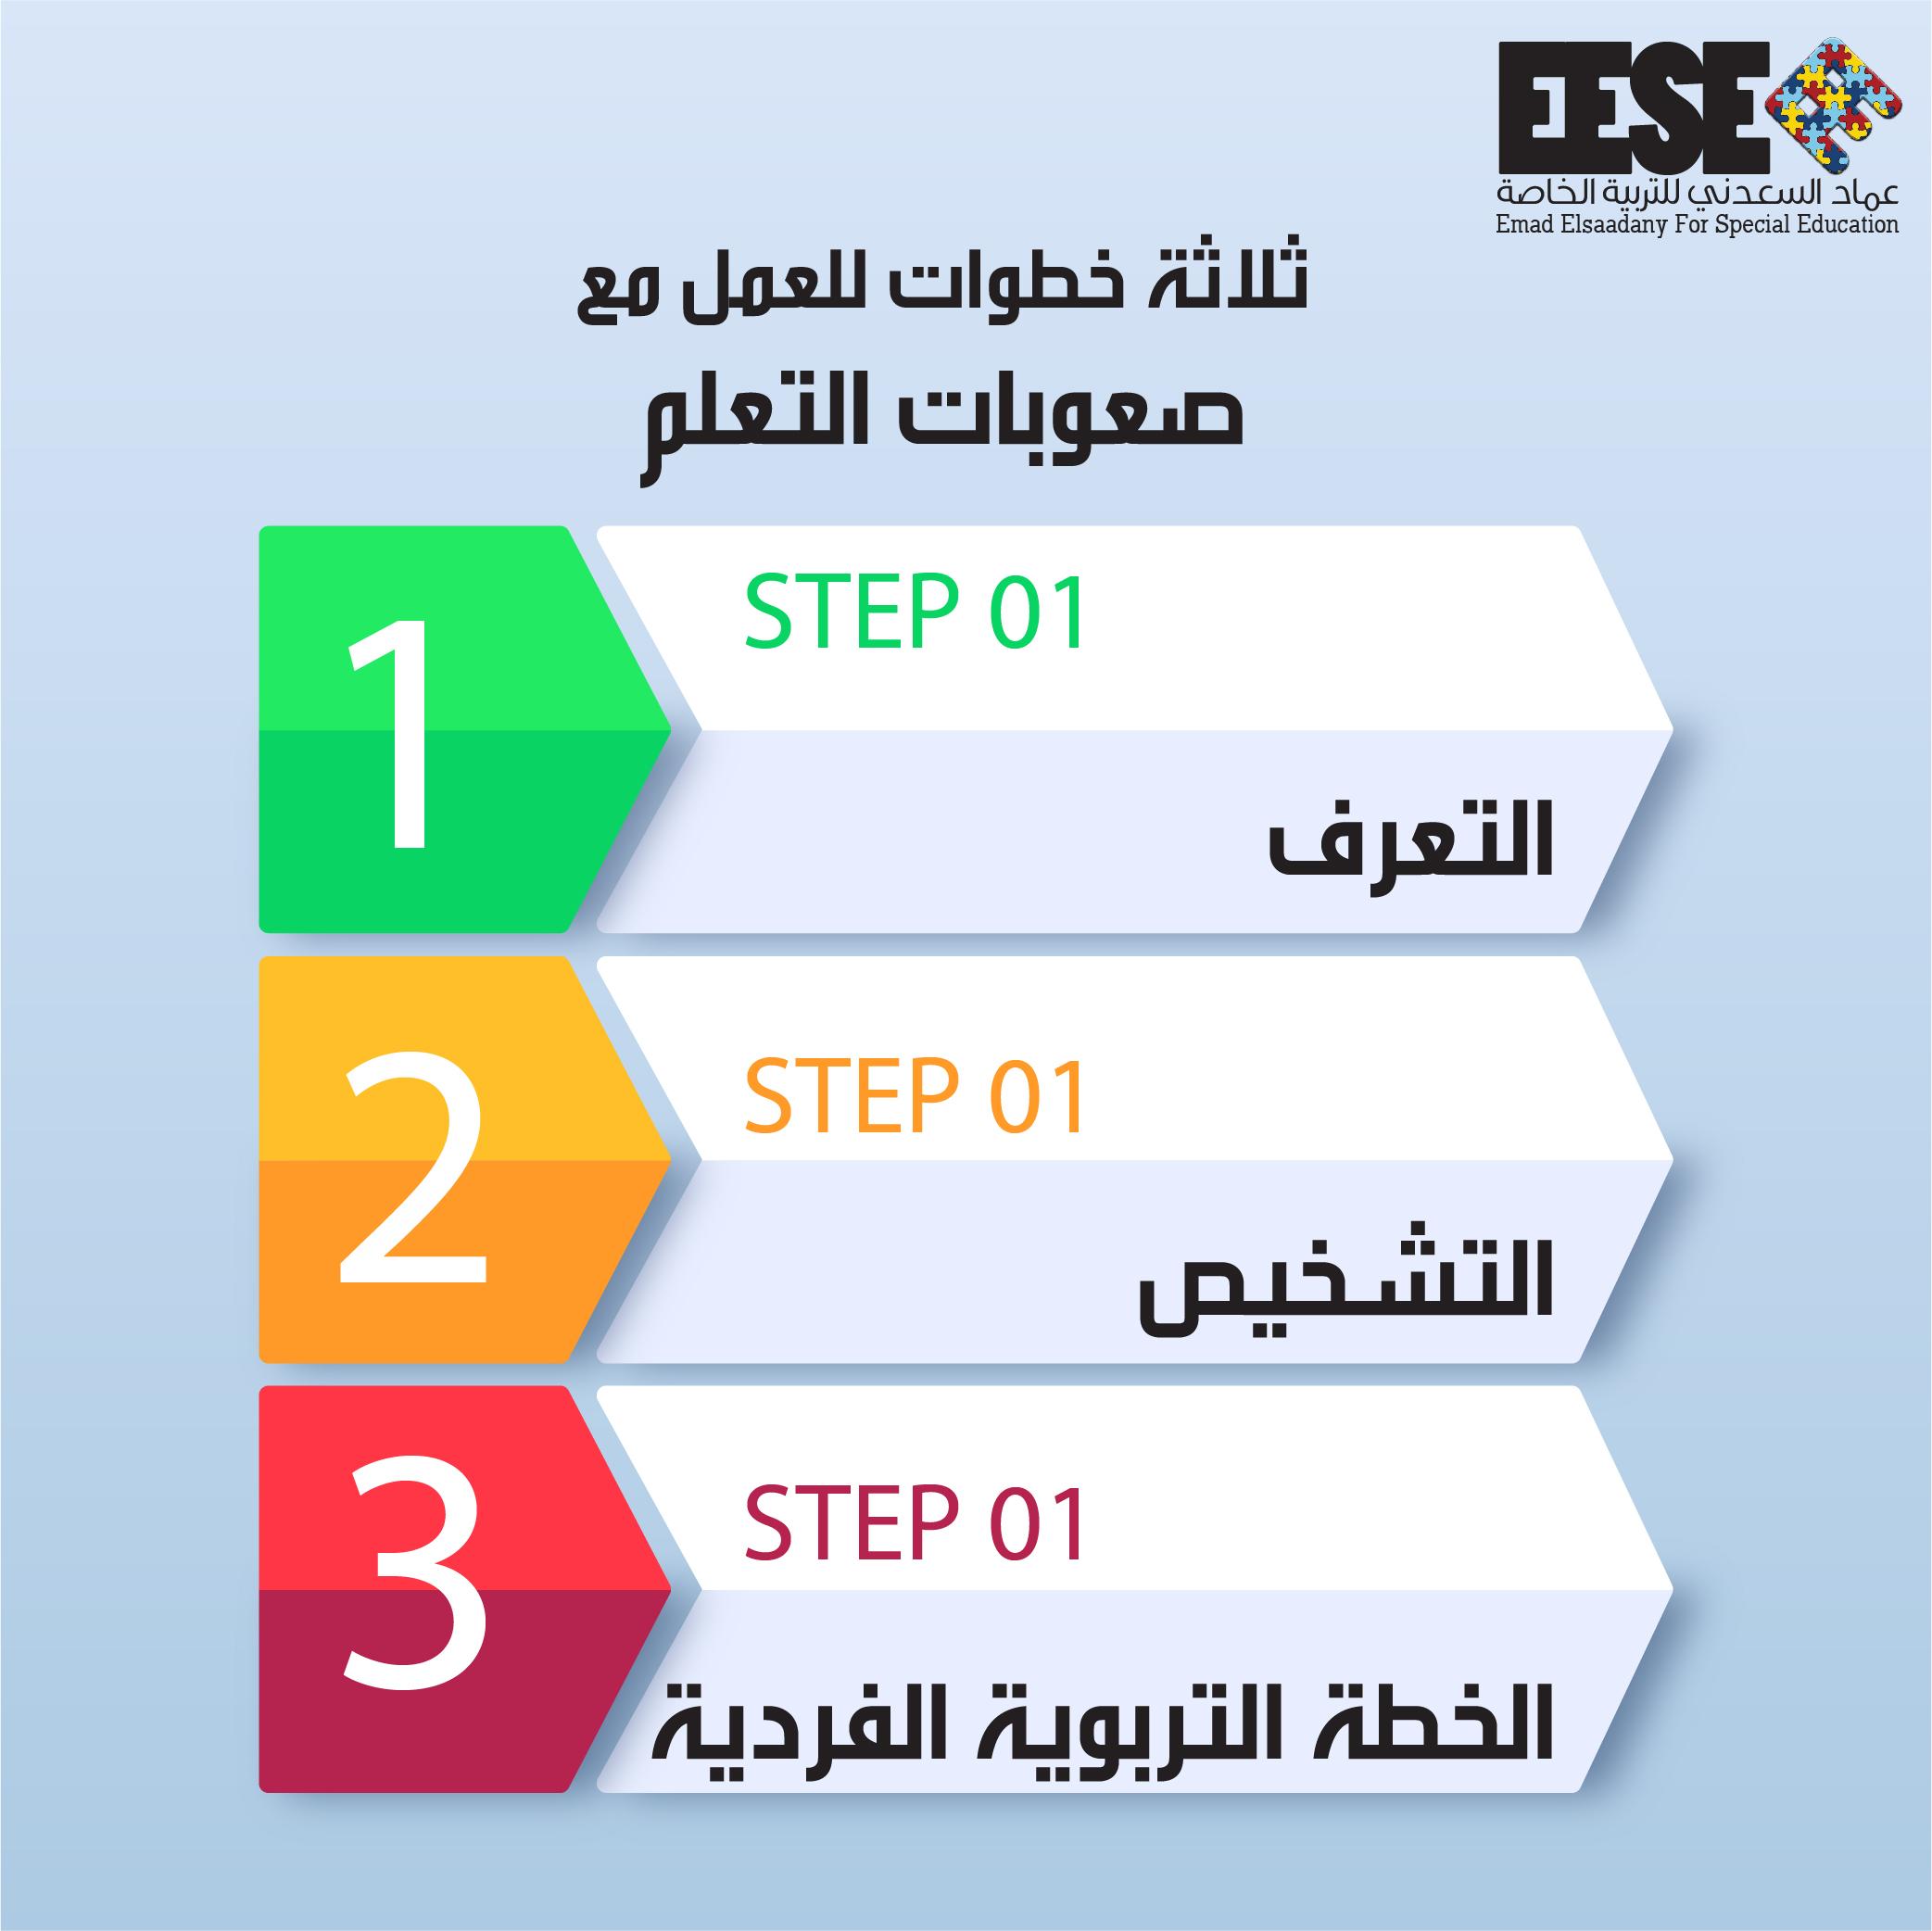 ثلاثة خطوات للعمل مع صعوبات التعلم